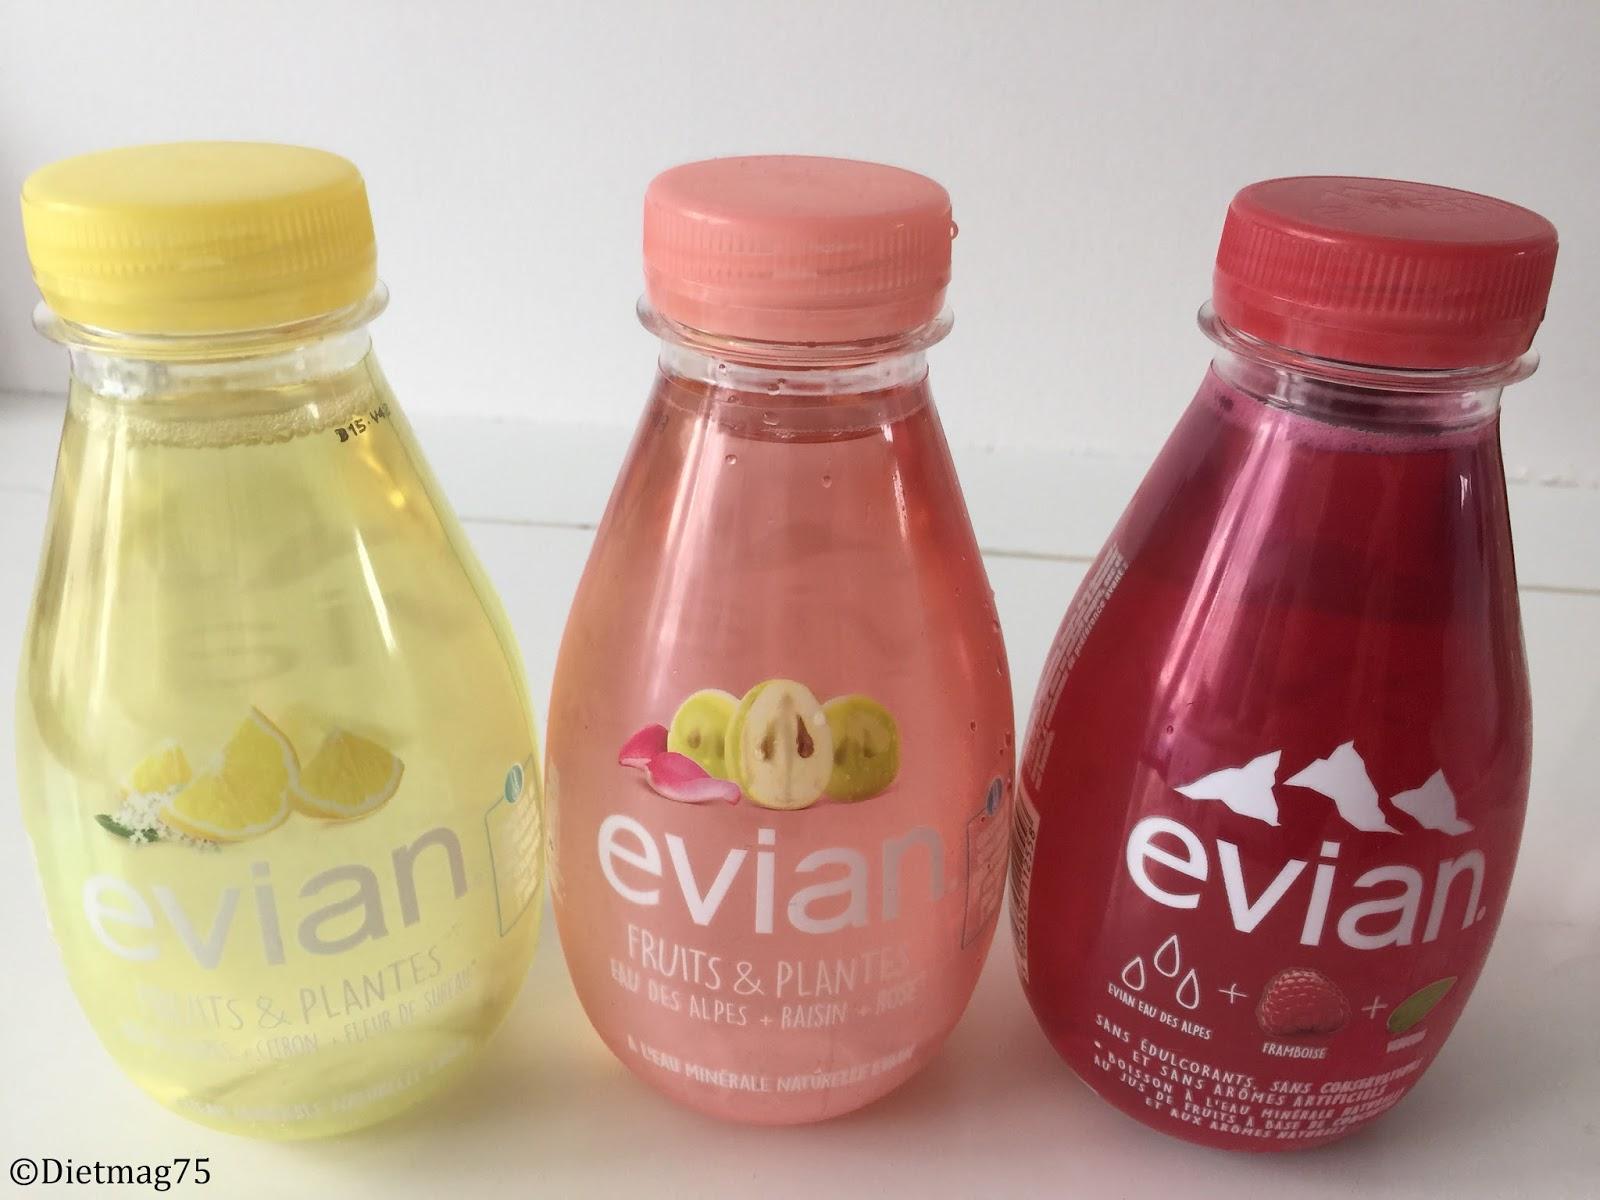 Assez Evian Fruits & Plantes | DietMag75 VK39